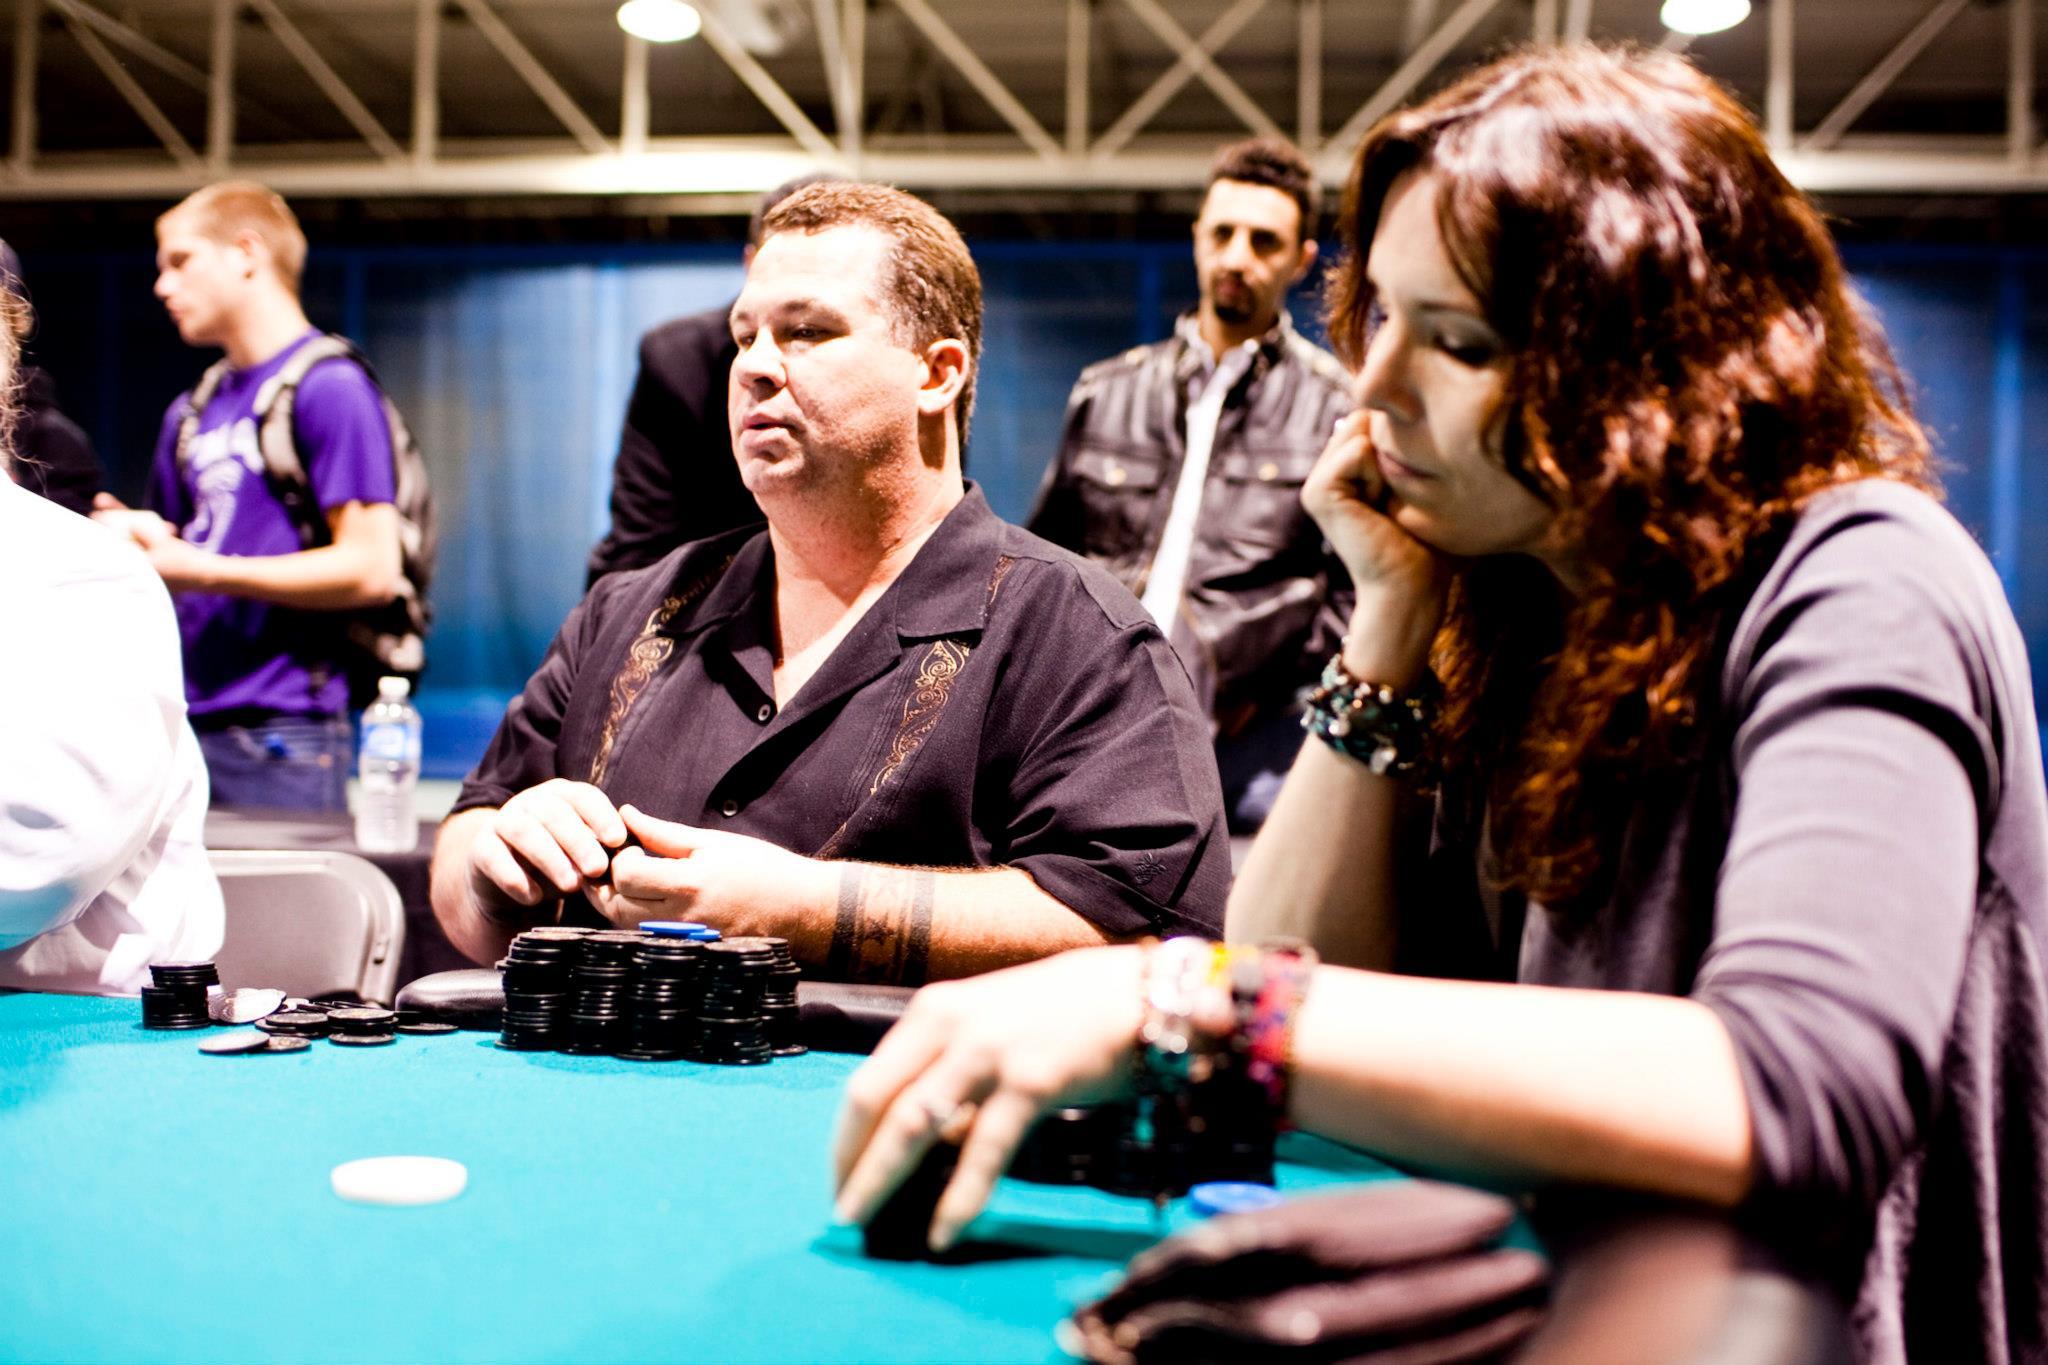 Pro Poker Player Annie Duke